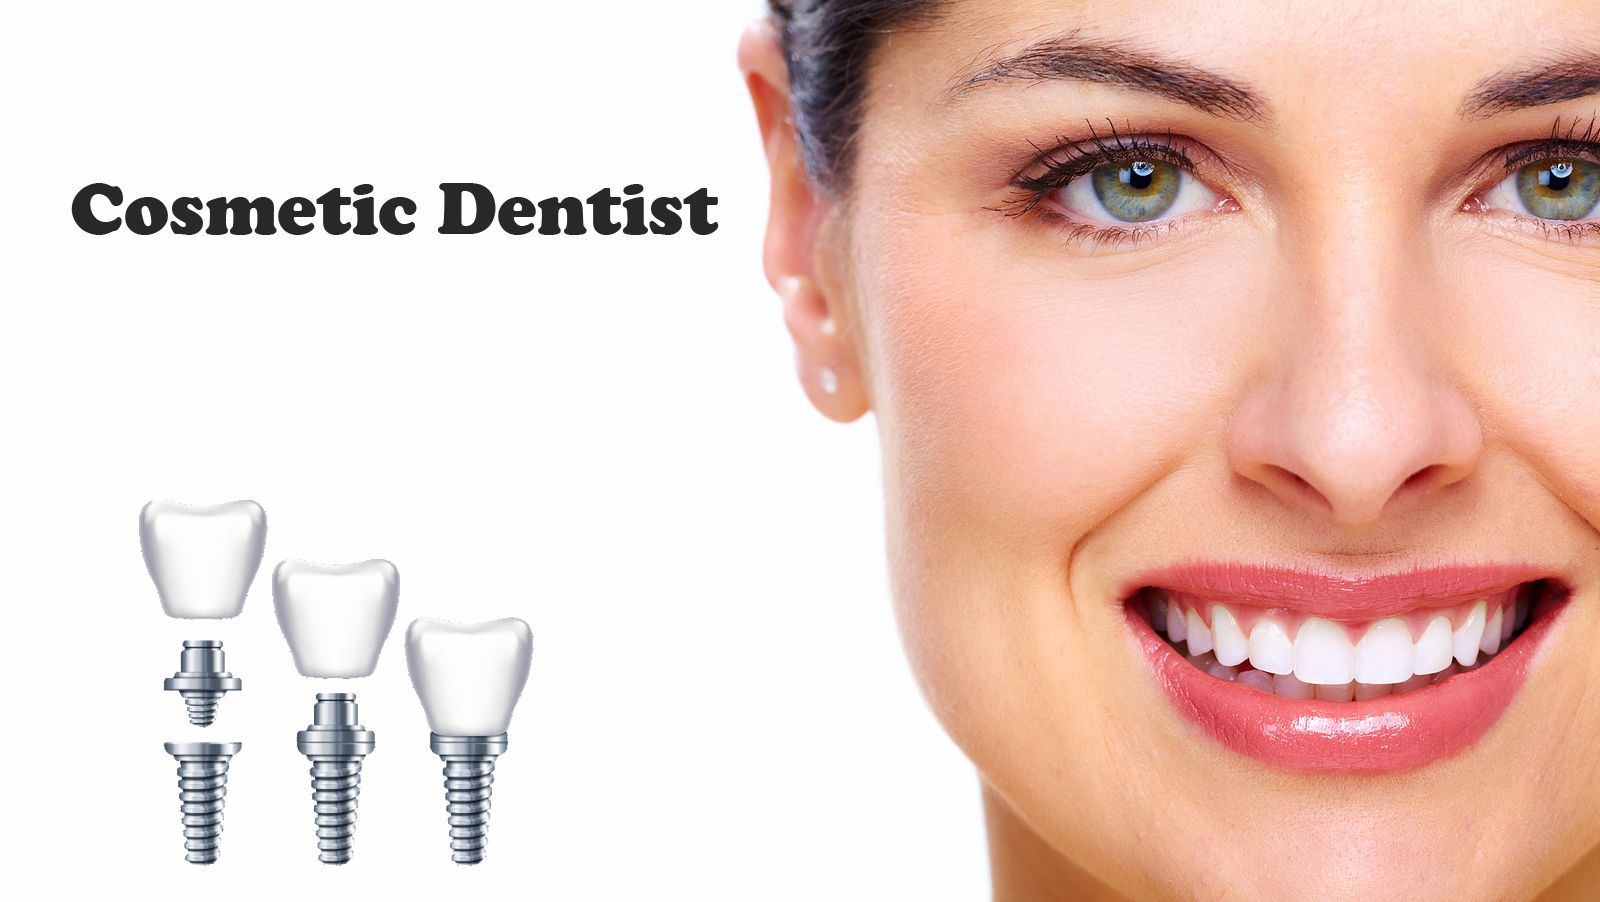 teeth smile dentist dental dentistry tooth